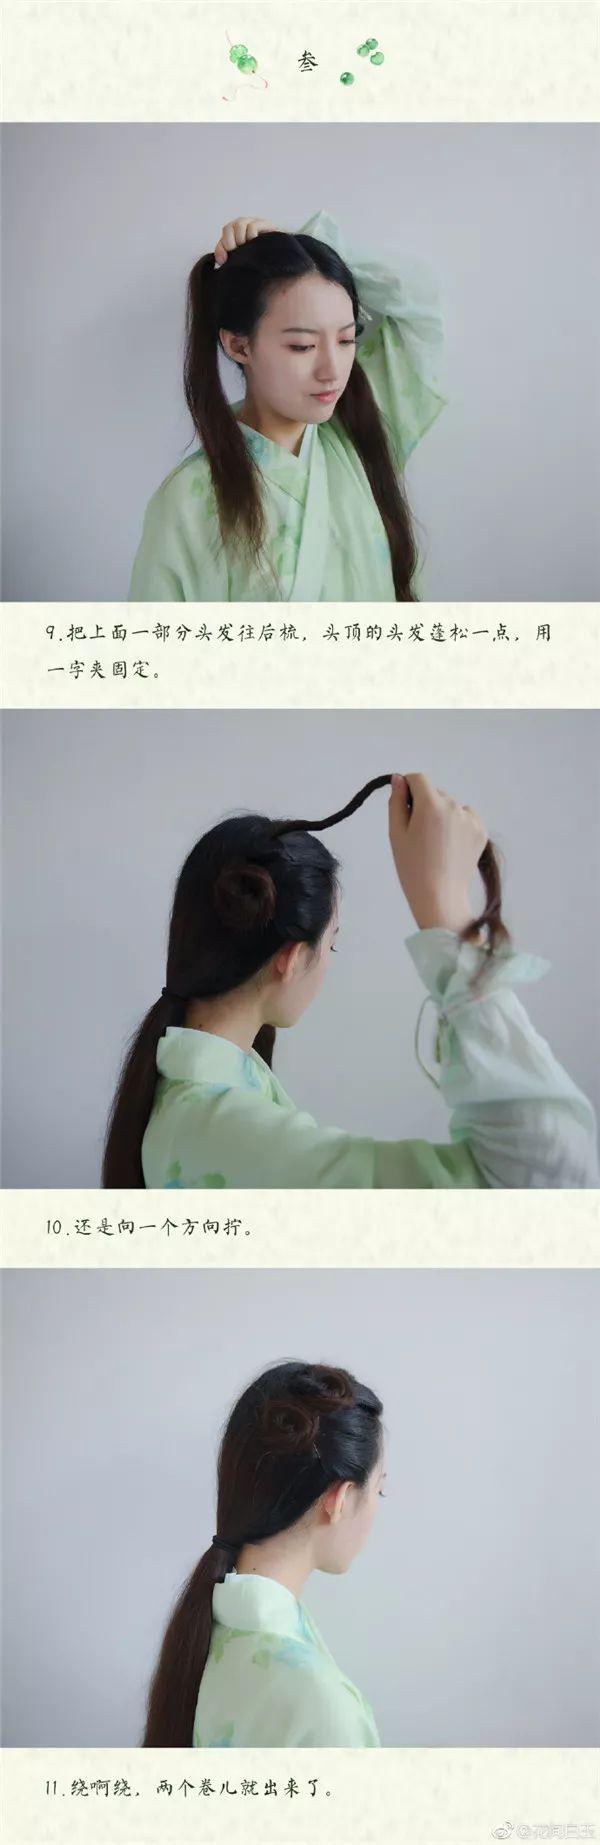 仙仙哒古装发型步骤教程